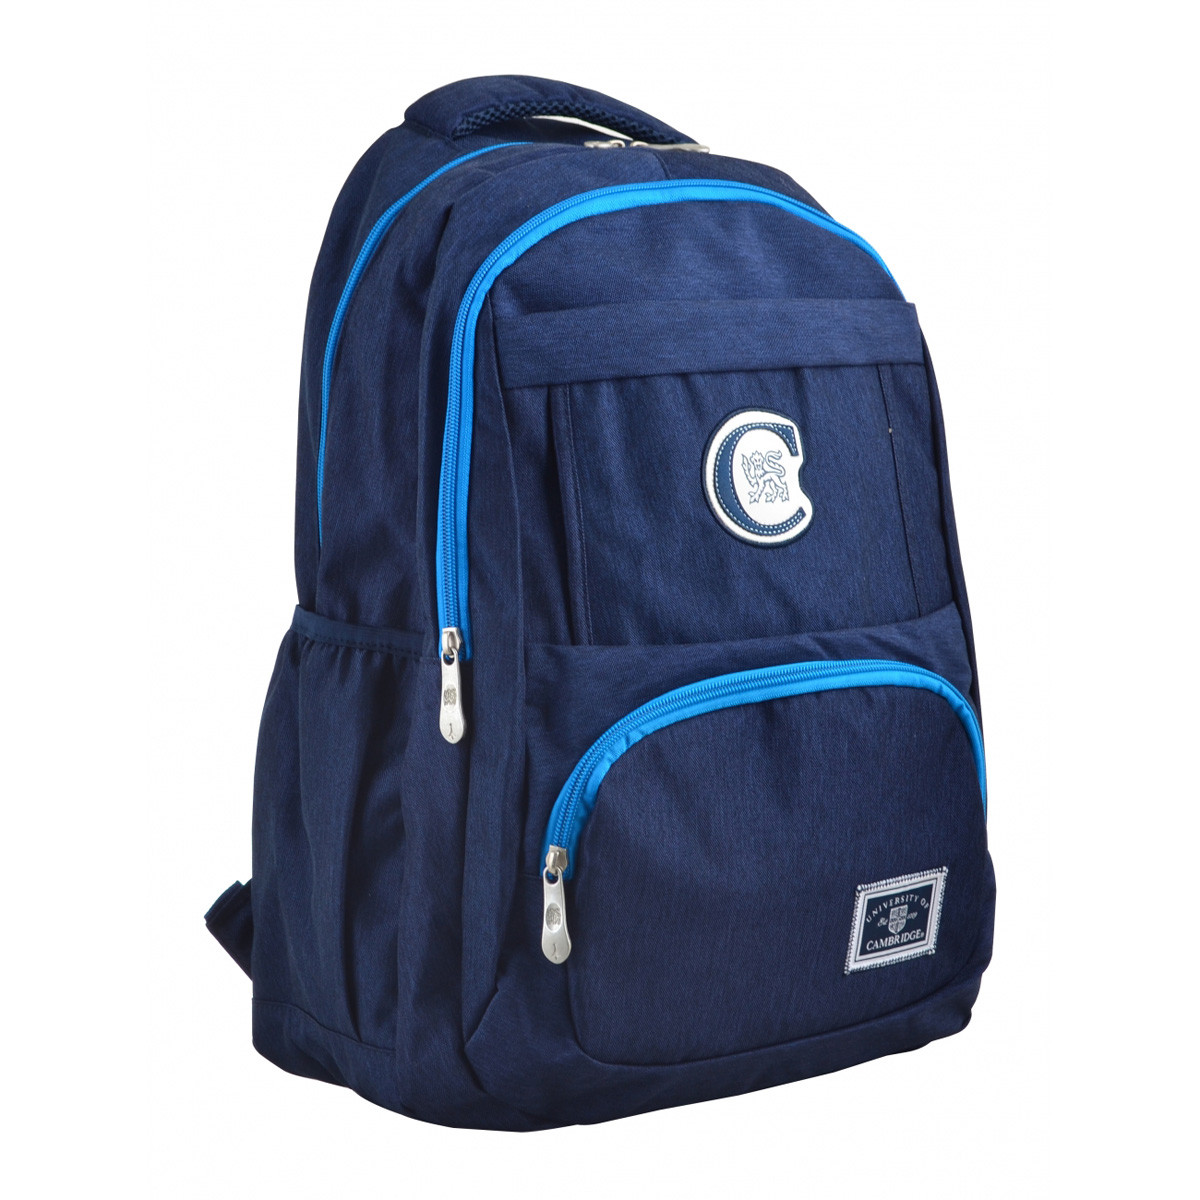 Рюкзак молодежный YES CA 151, 48х30х15, синий 555750